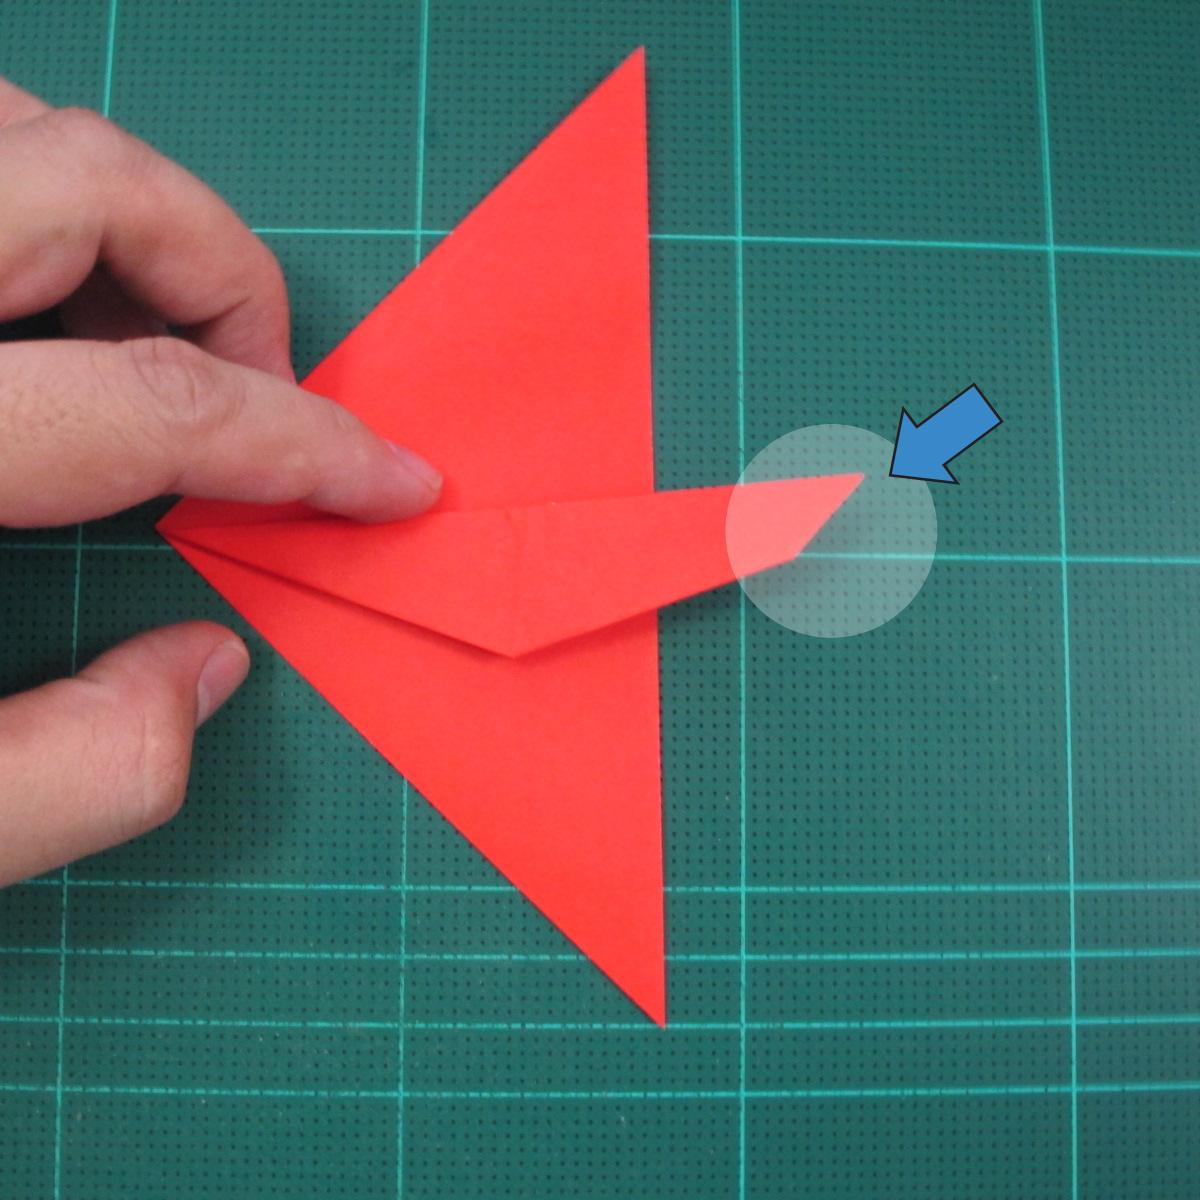 วิธีพับกระดาษเป็นรูปแมลงปอ (Origami Dragonfly) 010